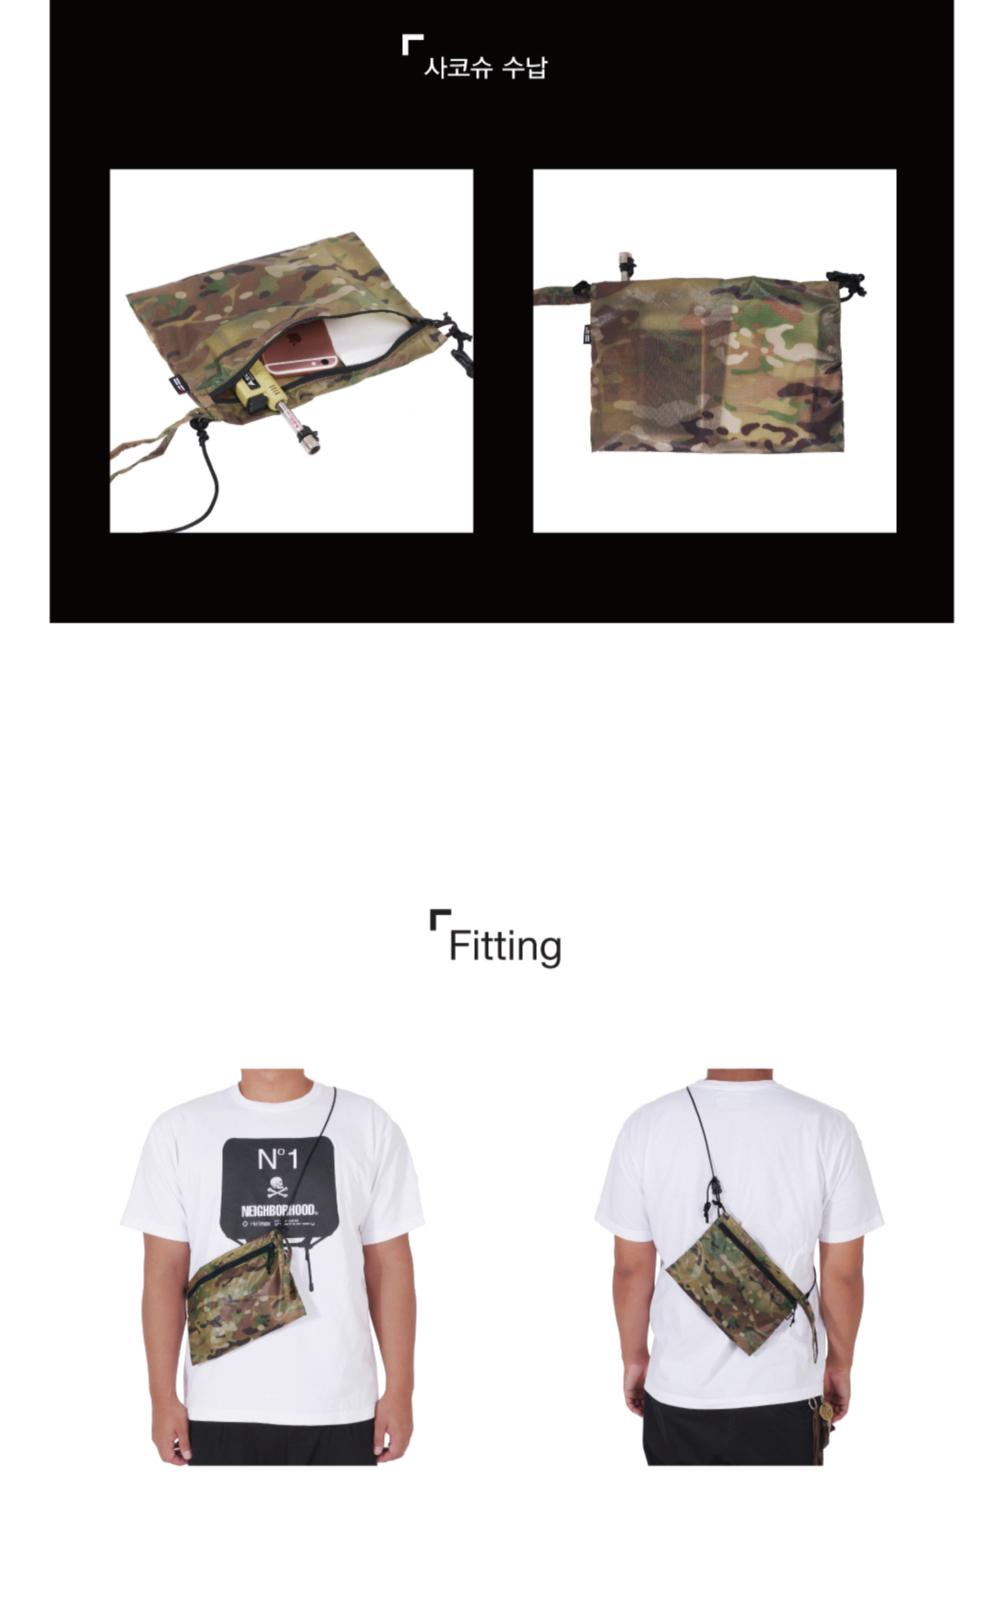 악세서리-호환표-페이지-제작-사본-2.jpg